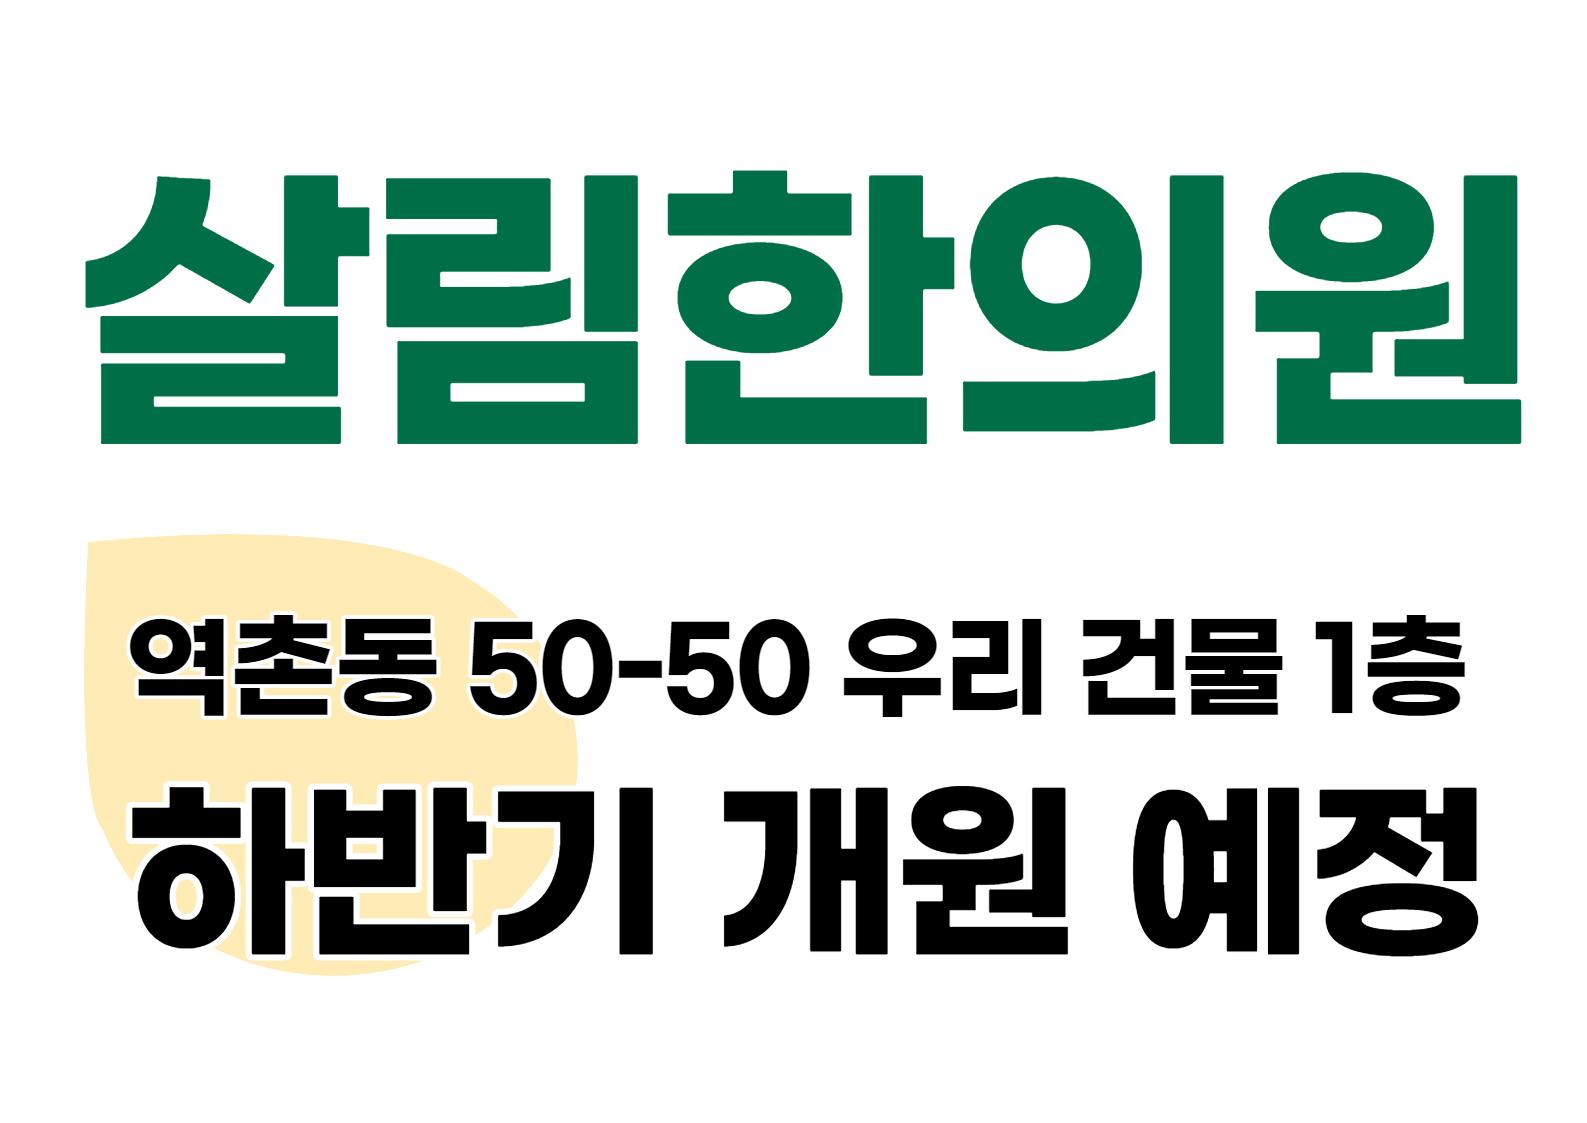 살림한의원 역촌동 50-50 우리 건물 1층 하반기 개원 예정